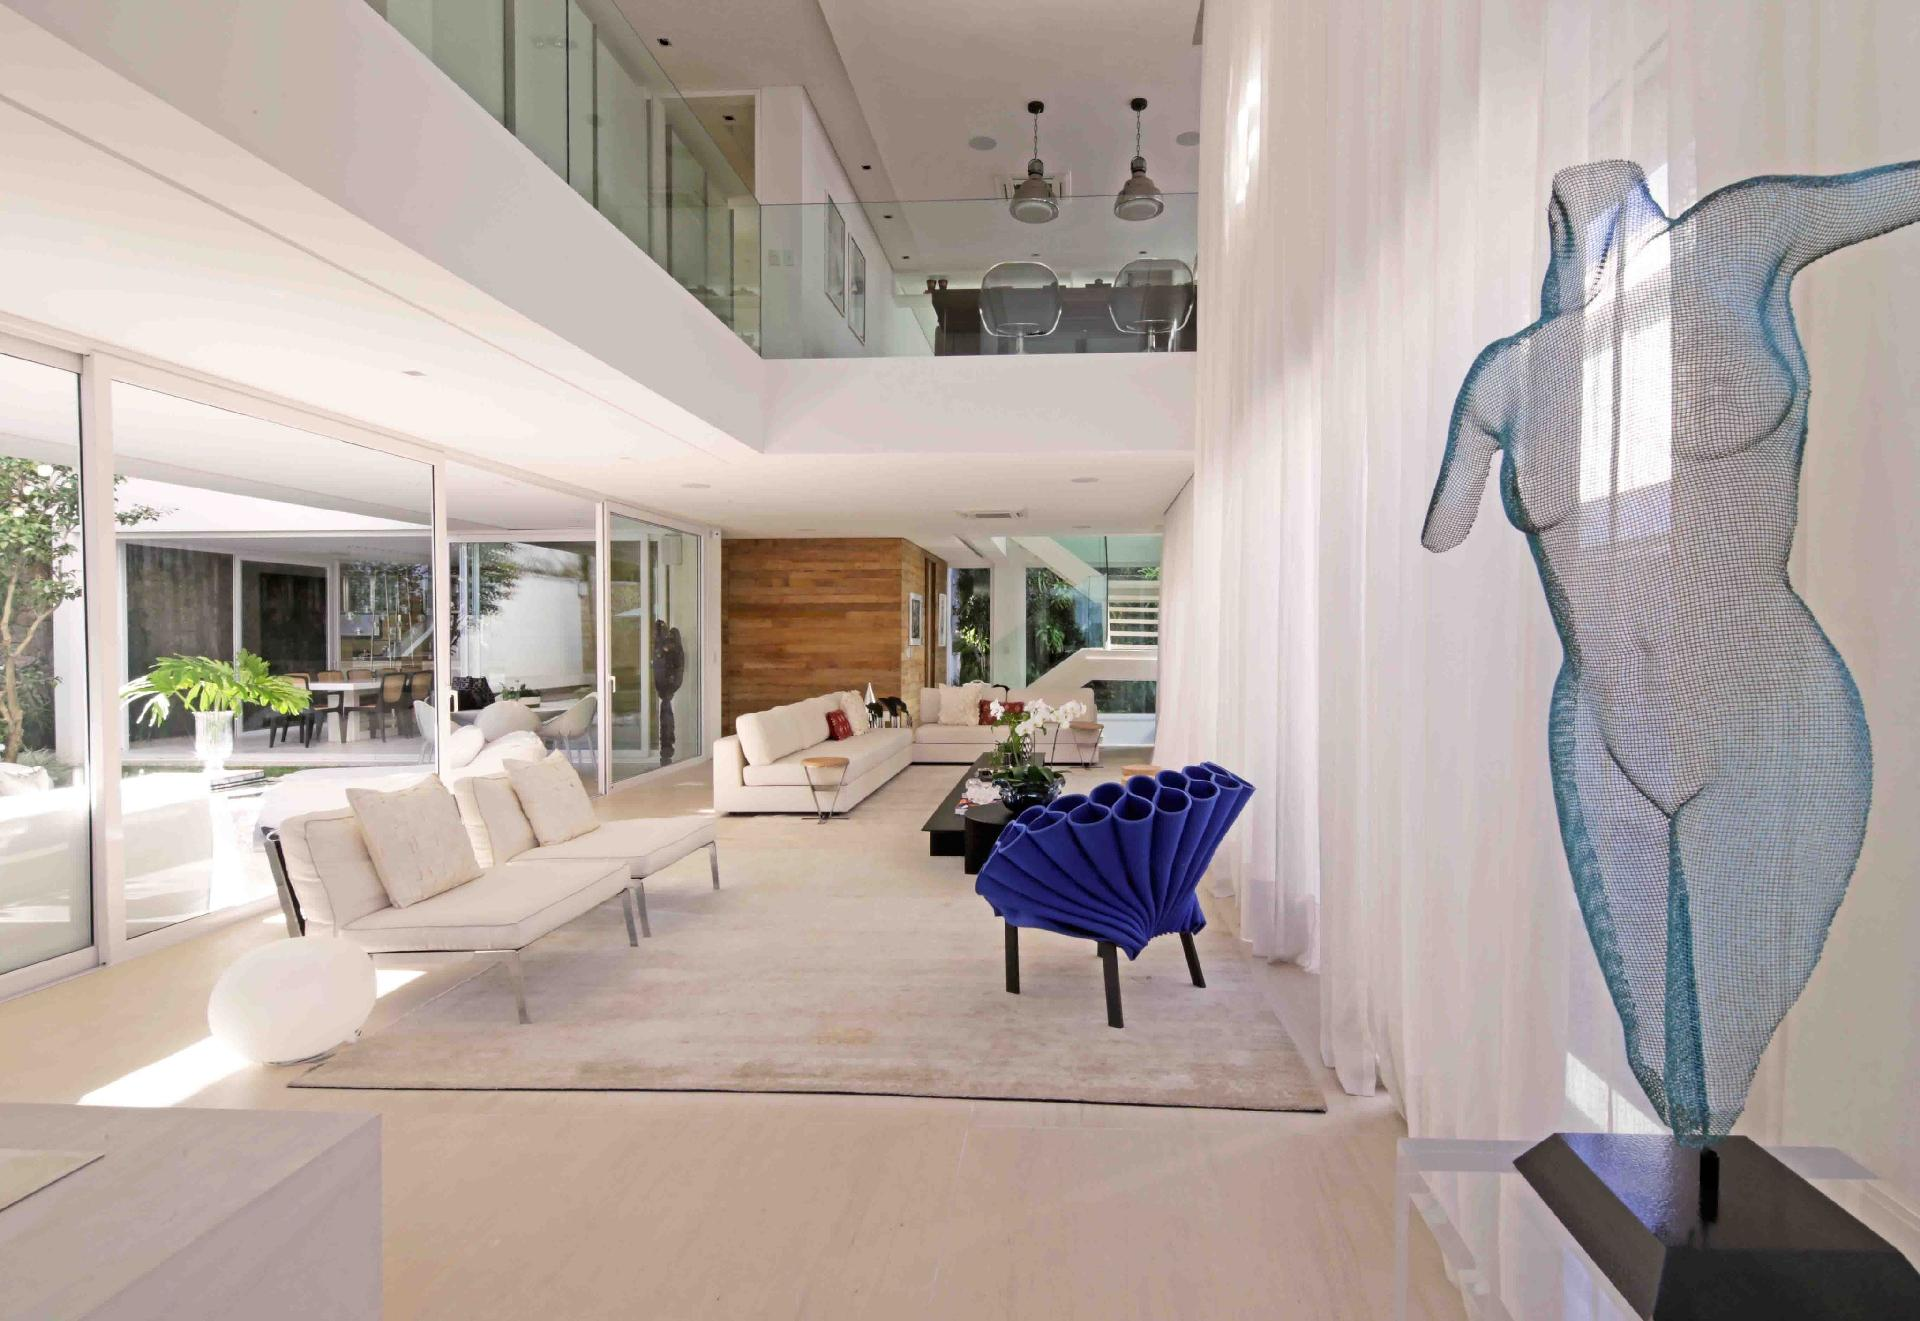 Nas casas do condomínio Bauhaus, projetado pela arquiteta Monica Drucker, os ambientes se integram horizontal e verticalmente, como em um loft. O pé-direito com 5,6 m no estar permite a visualização de diversos espaços da casa. A decoração contemporânea tem detalhes azuis, como a escultura e a poltrona (Brentwood)